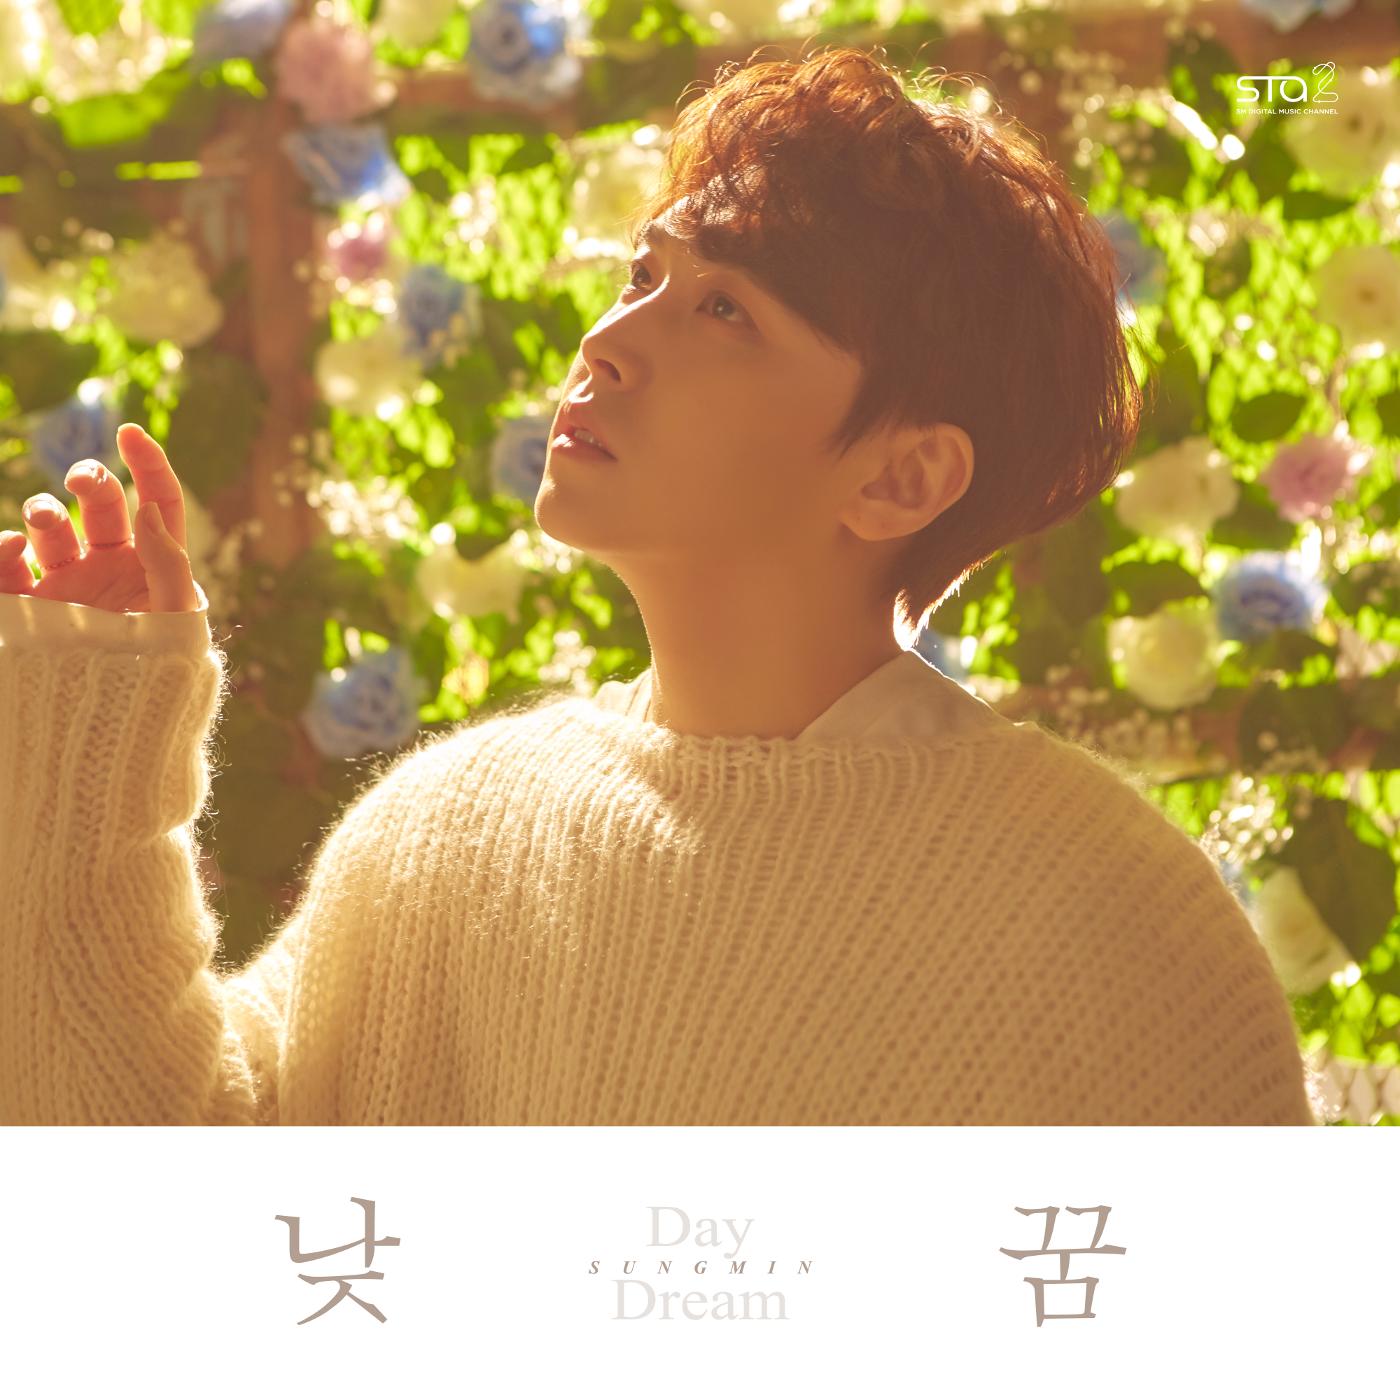 Day Dream (Sungmin)